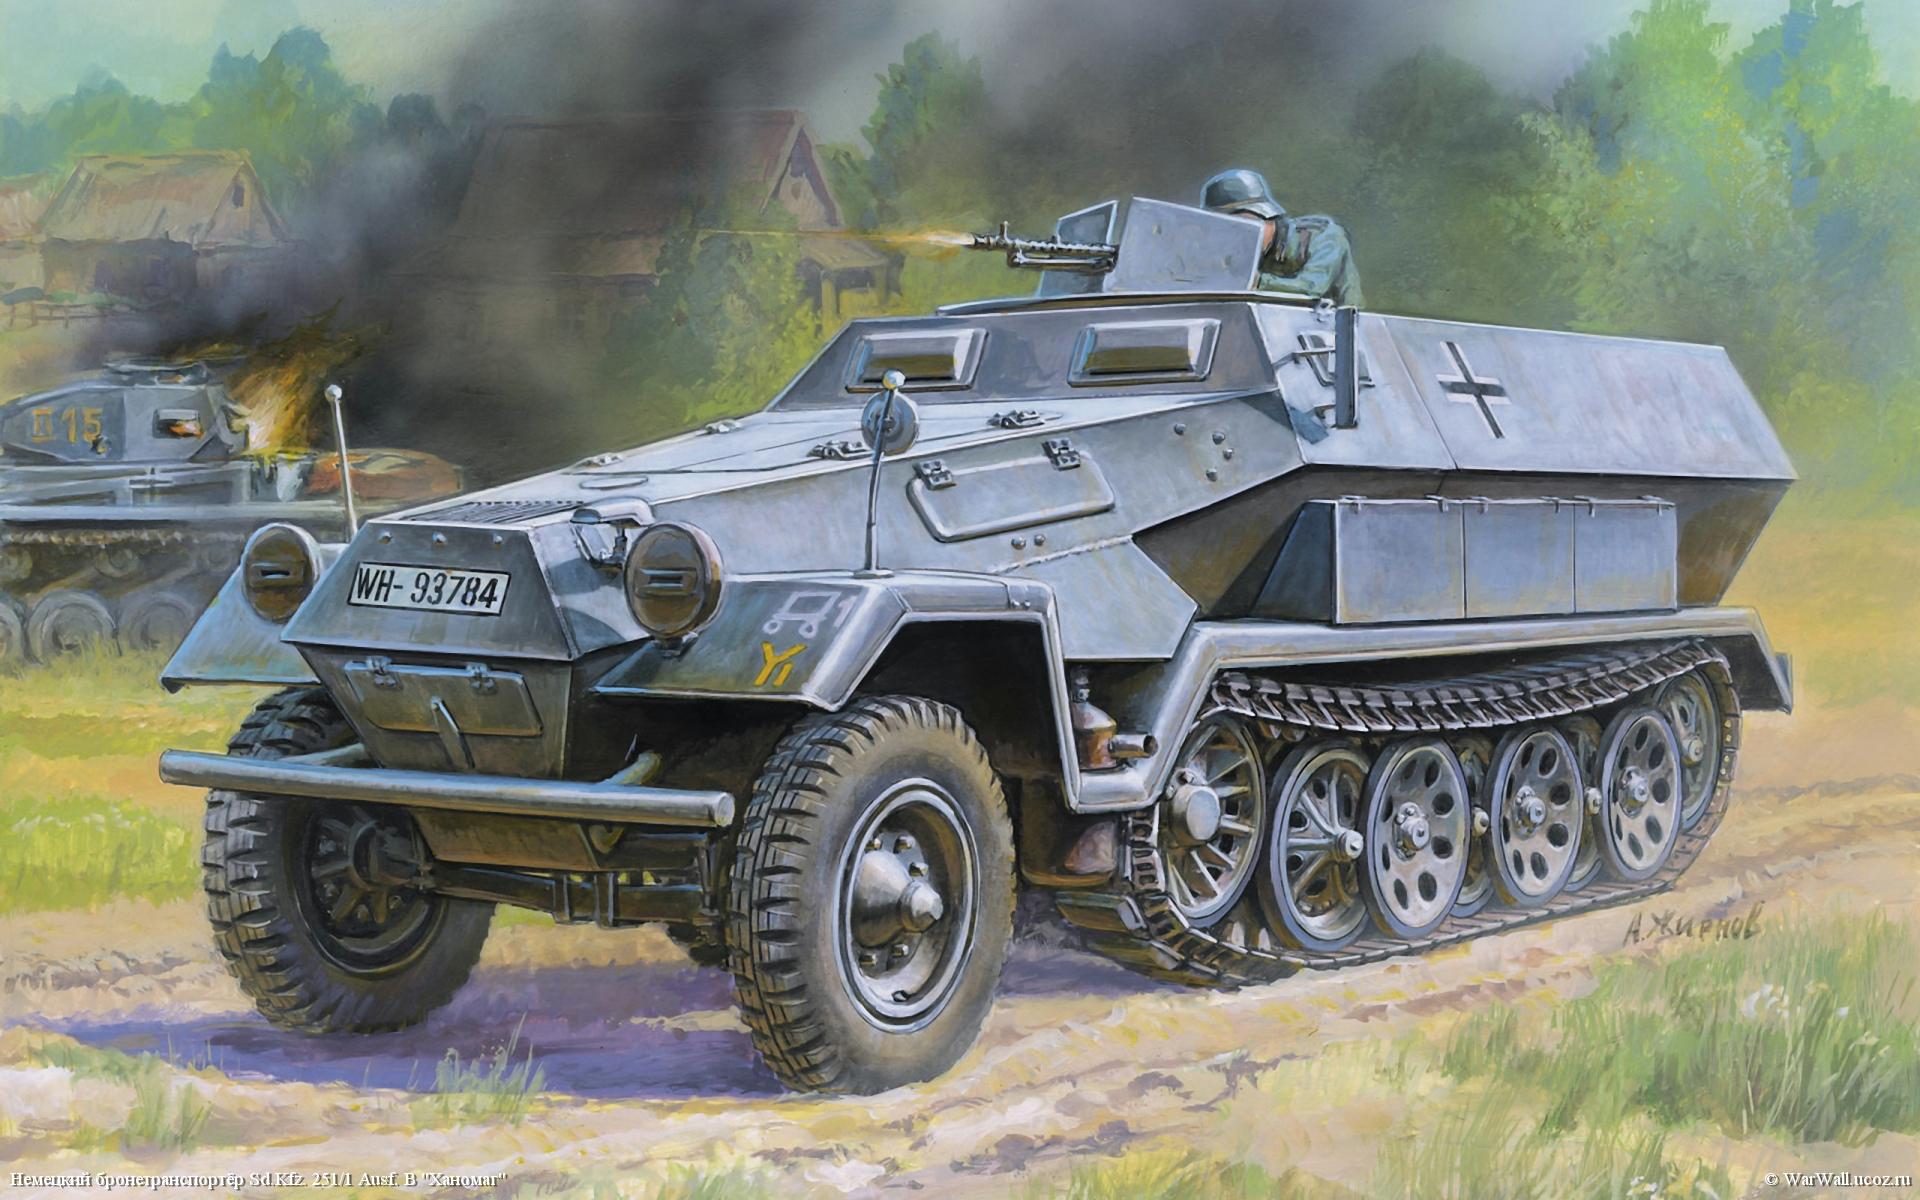 Жирнов Андрей. Бронетранспортер Sd.Kfz. 251 Ausf. B.